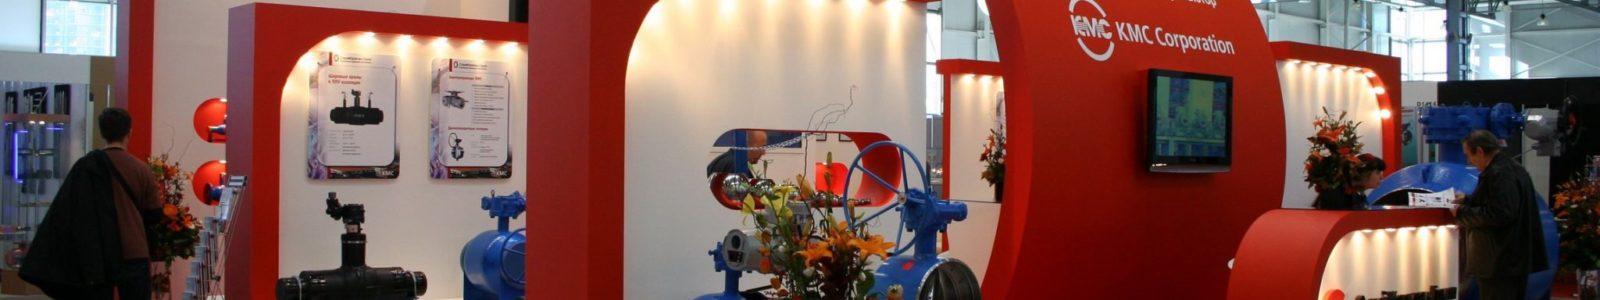 Выставочные стенды — современные способы презентации товаров и услуг с минимальной потерей клиентов